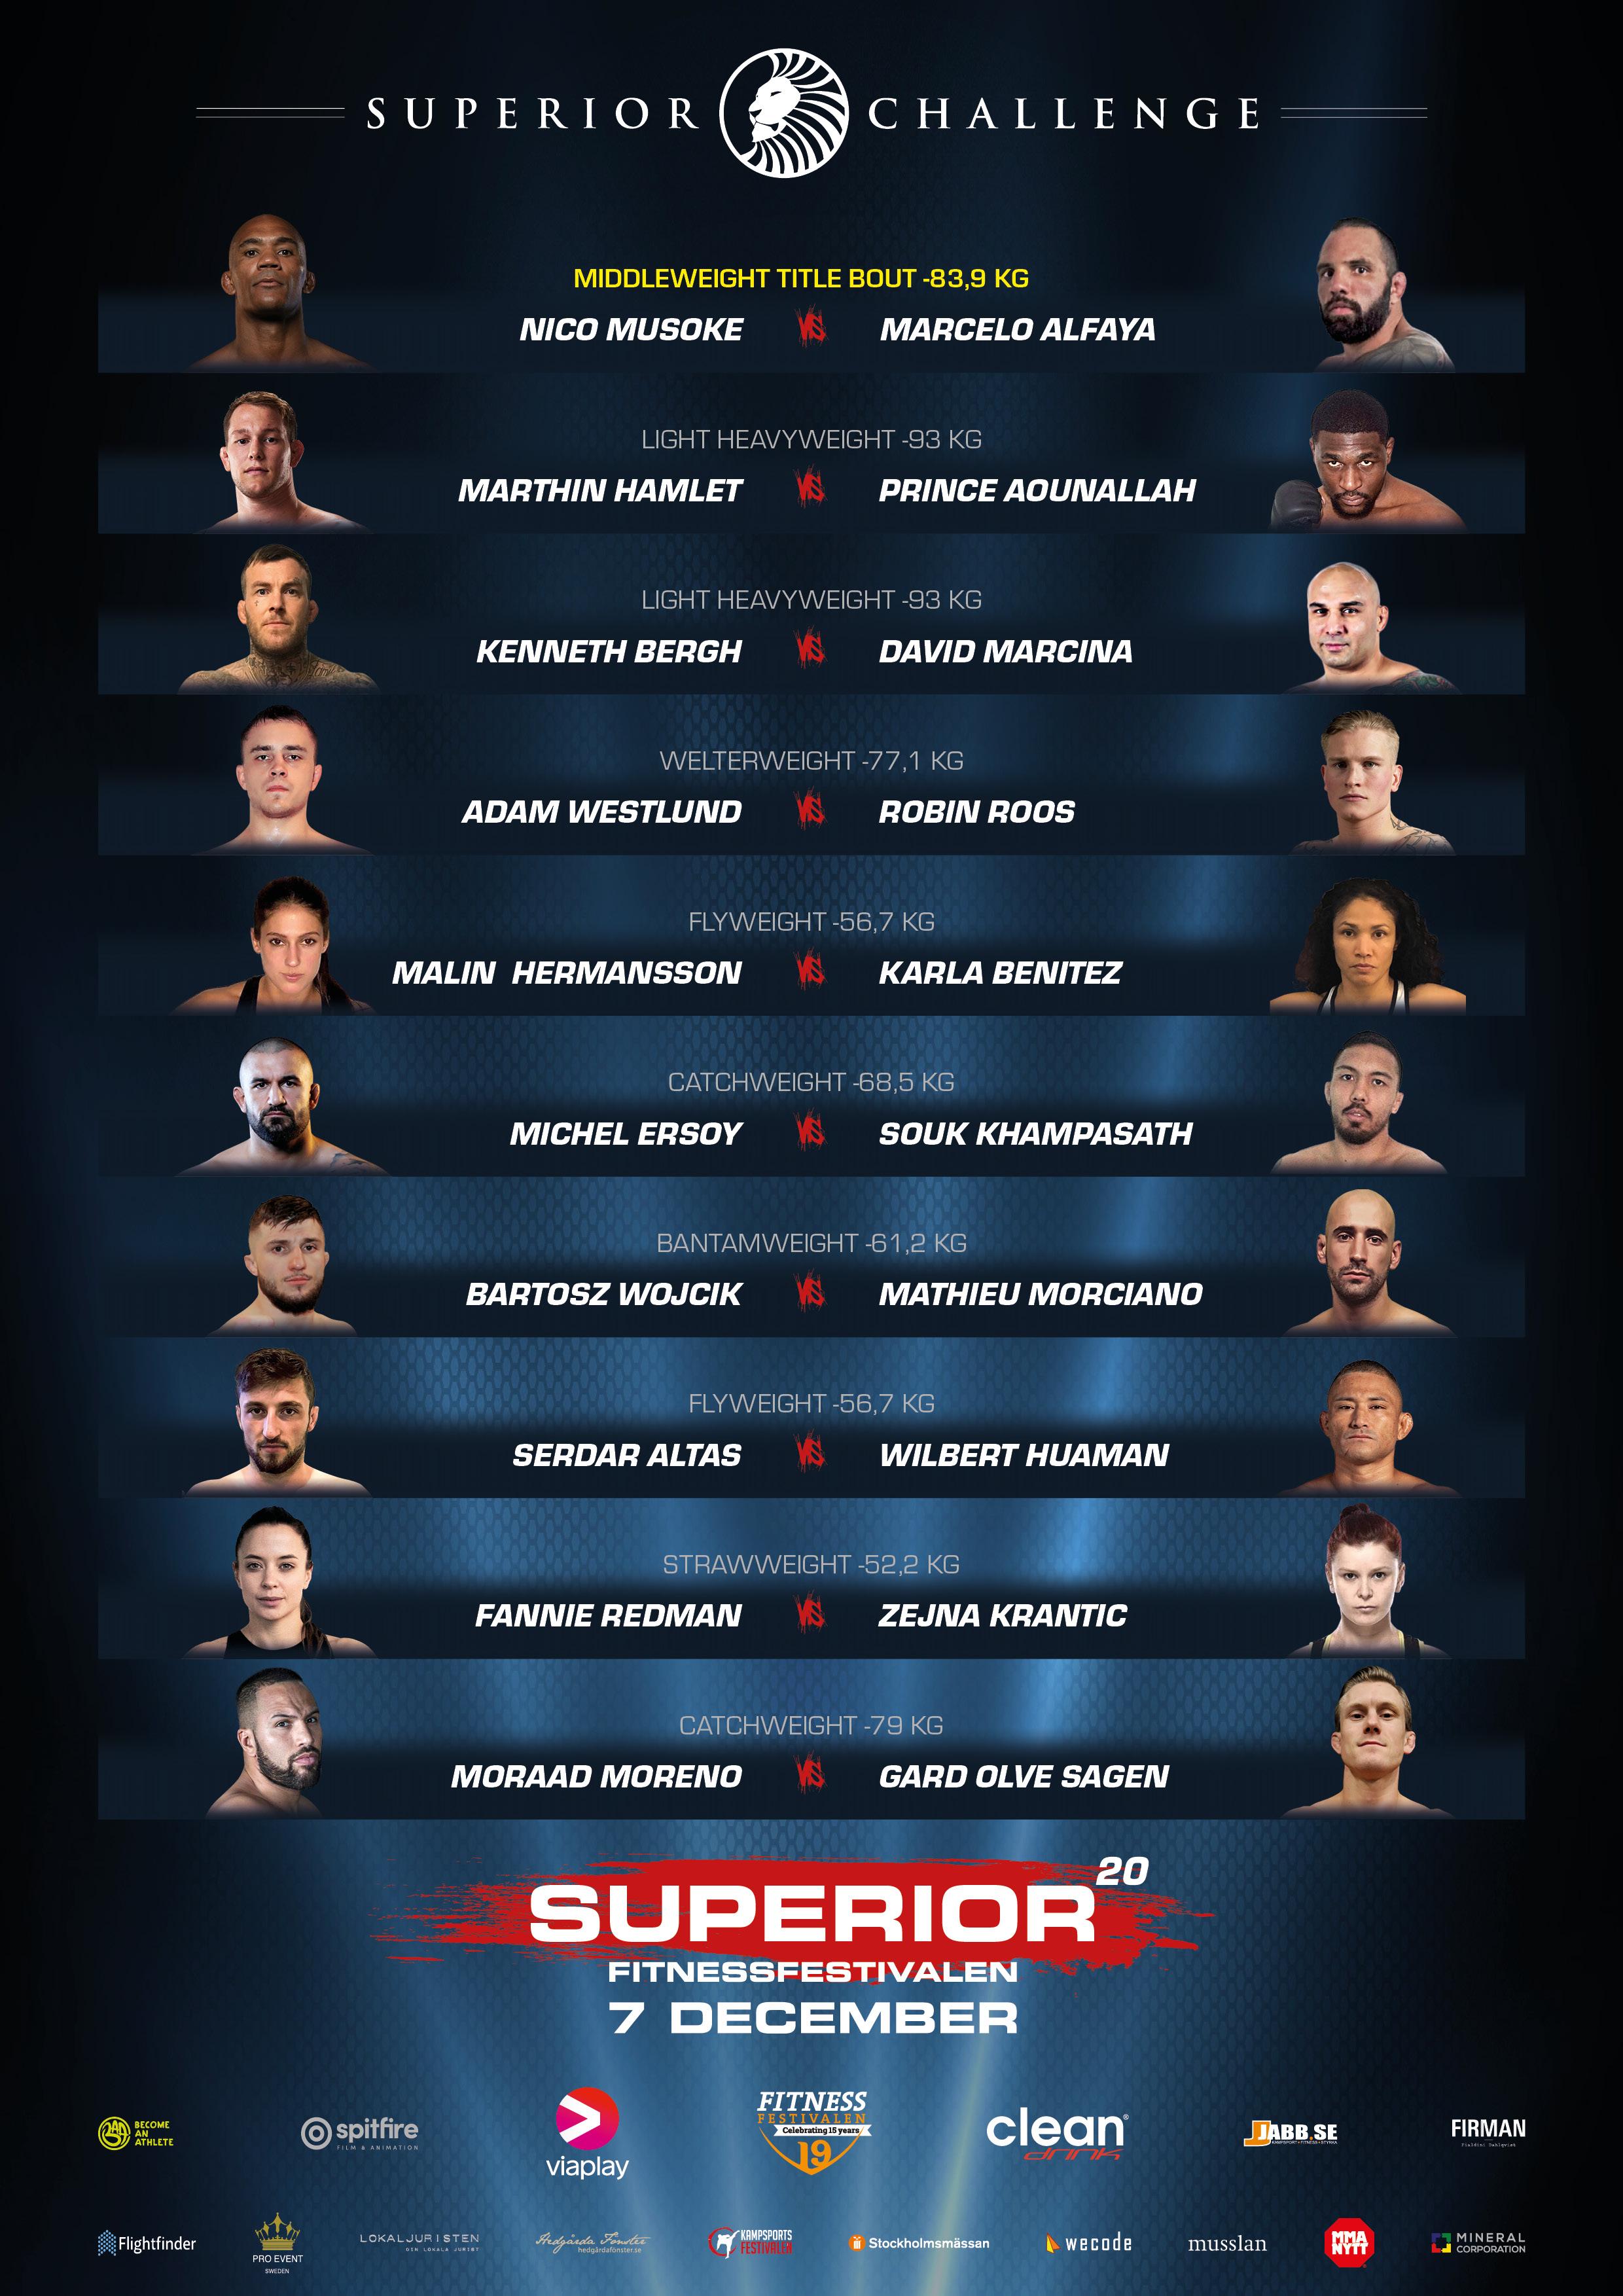 Fight Card Superior Challenge 20 - Fitnessfestivalen